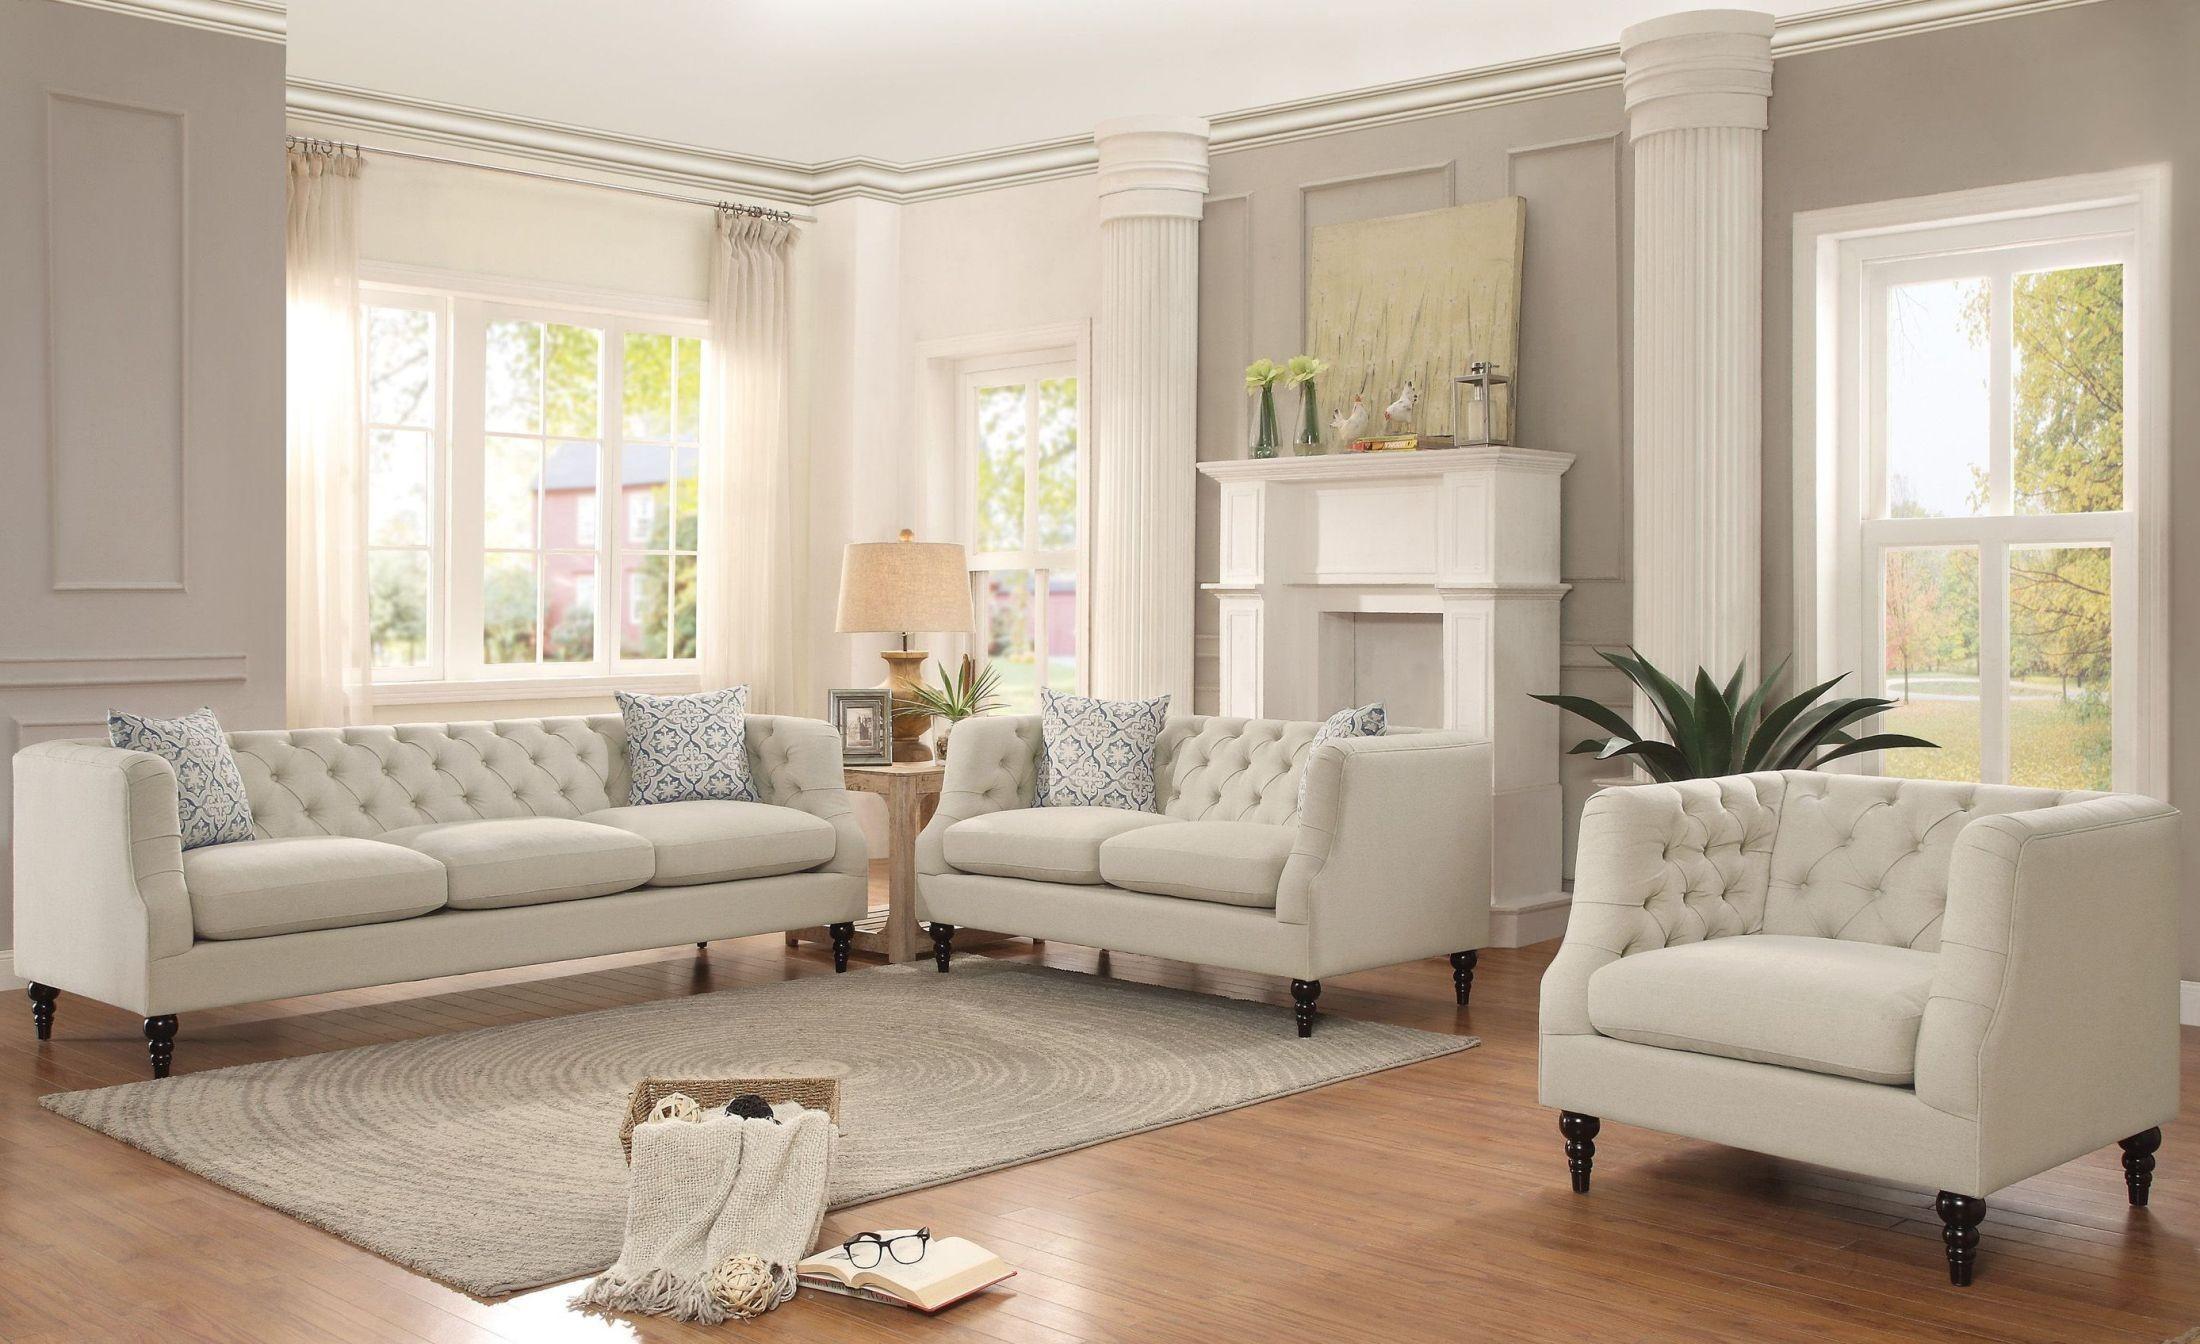 Radley Cream Living Room Set from Homelegance | Coleman Furniture